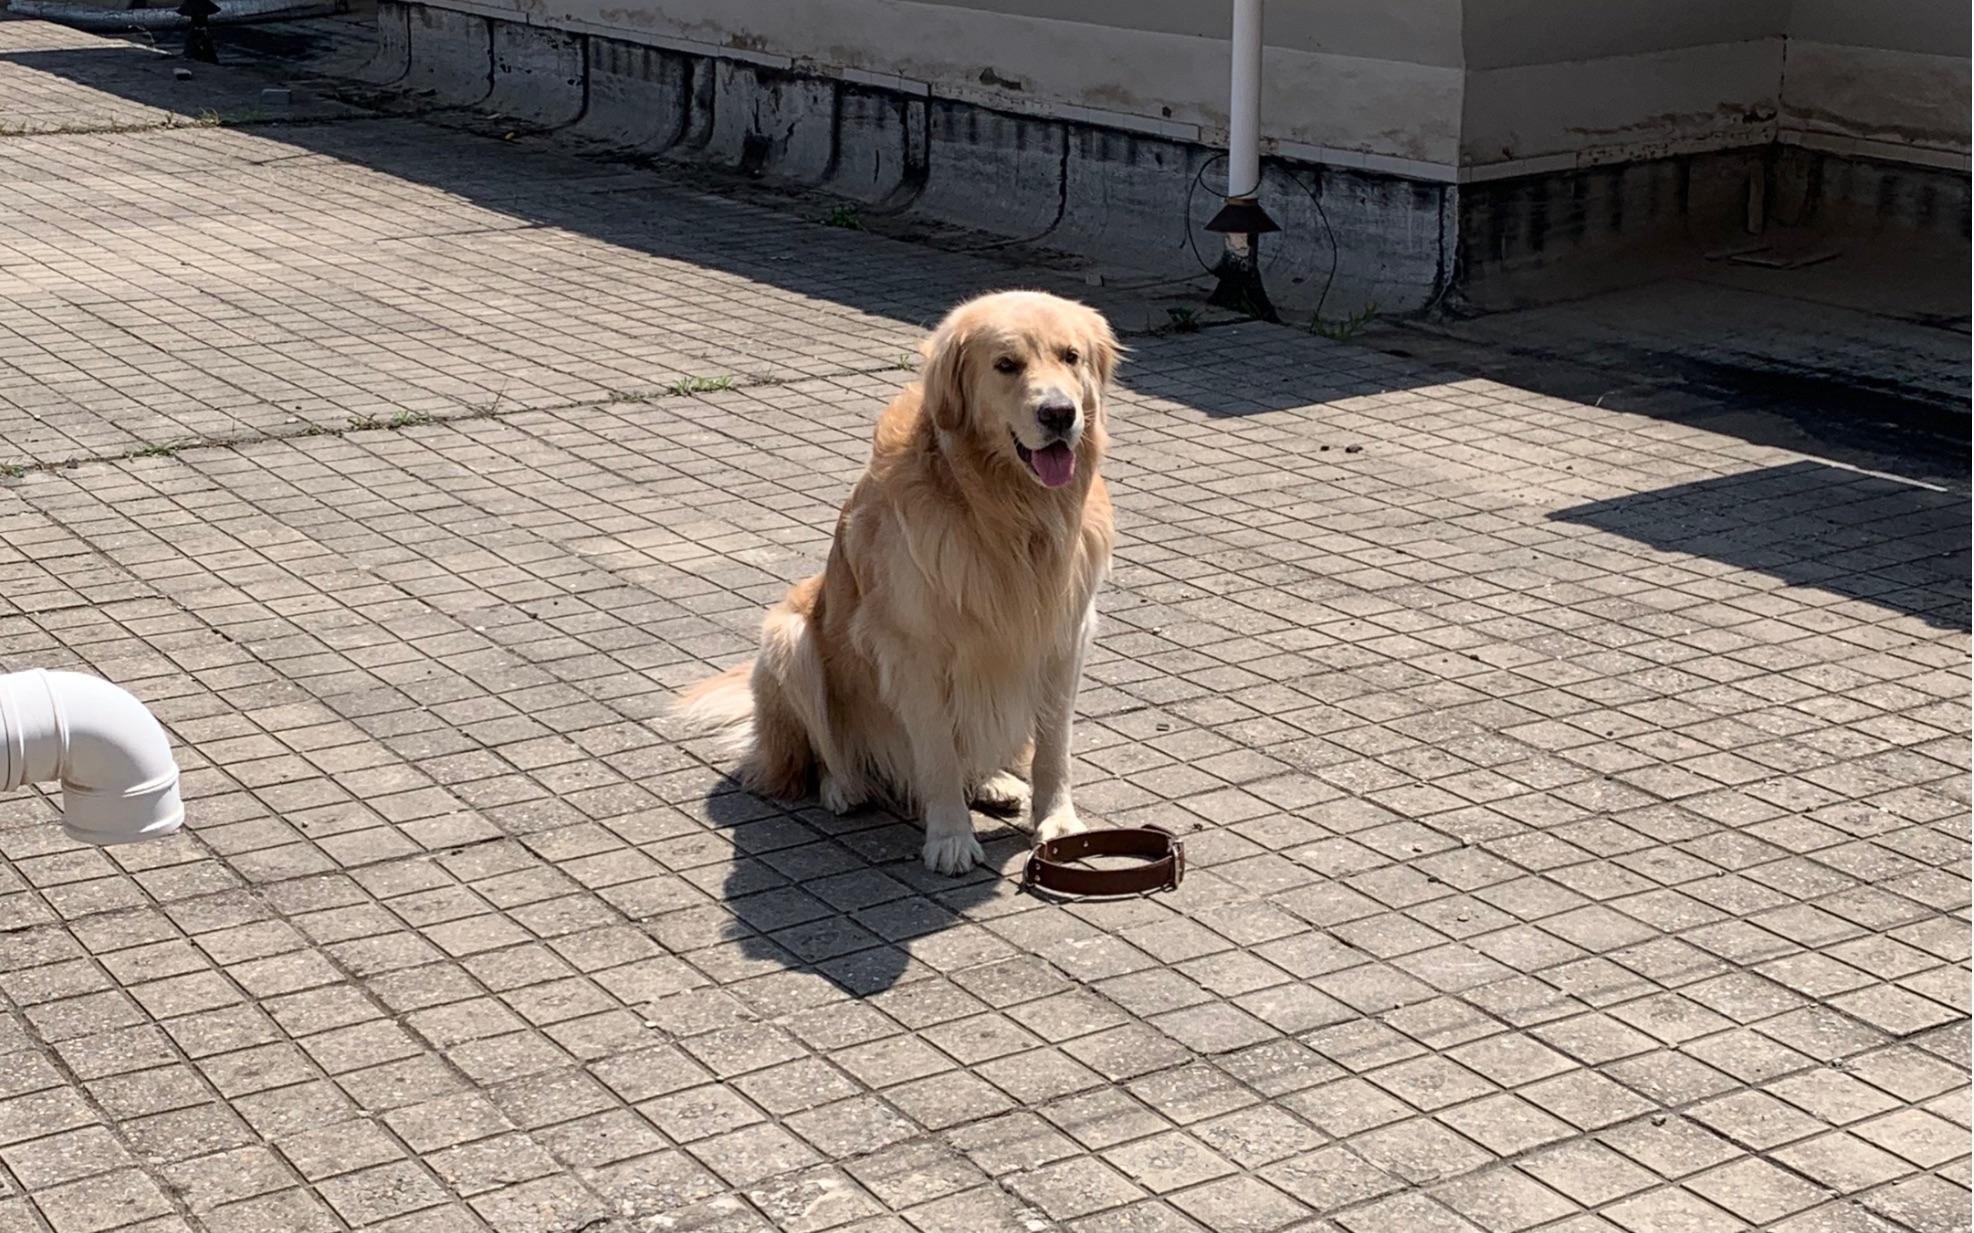 我终于凭一己之力失去了狗子对我的信任虽然我不是人,但你是真的狗